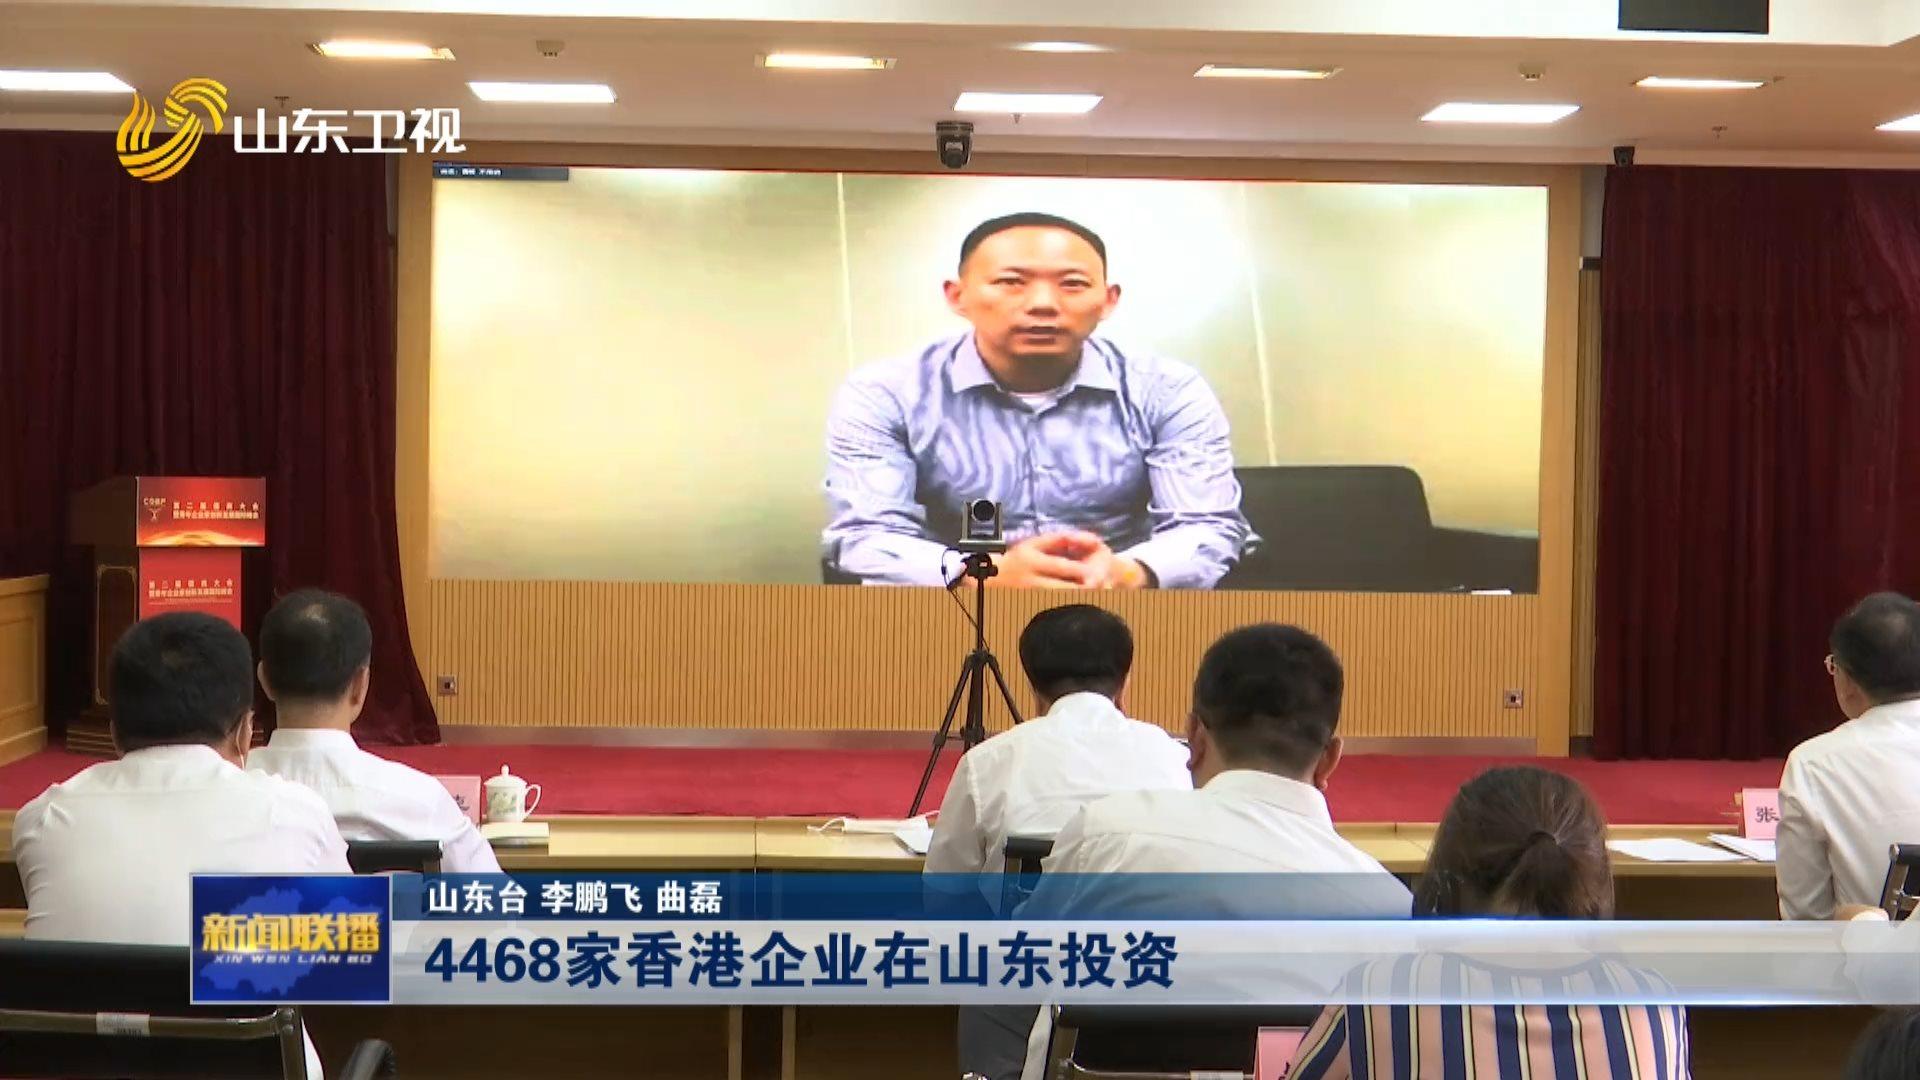 【共育新机 同开新局】 4468家香港企业在山东投资